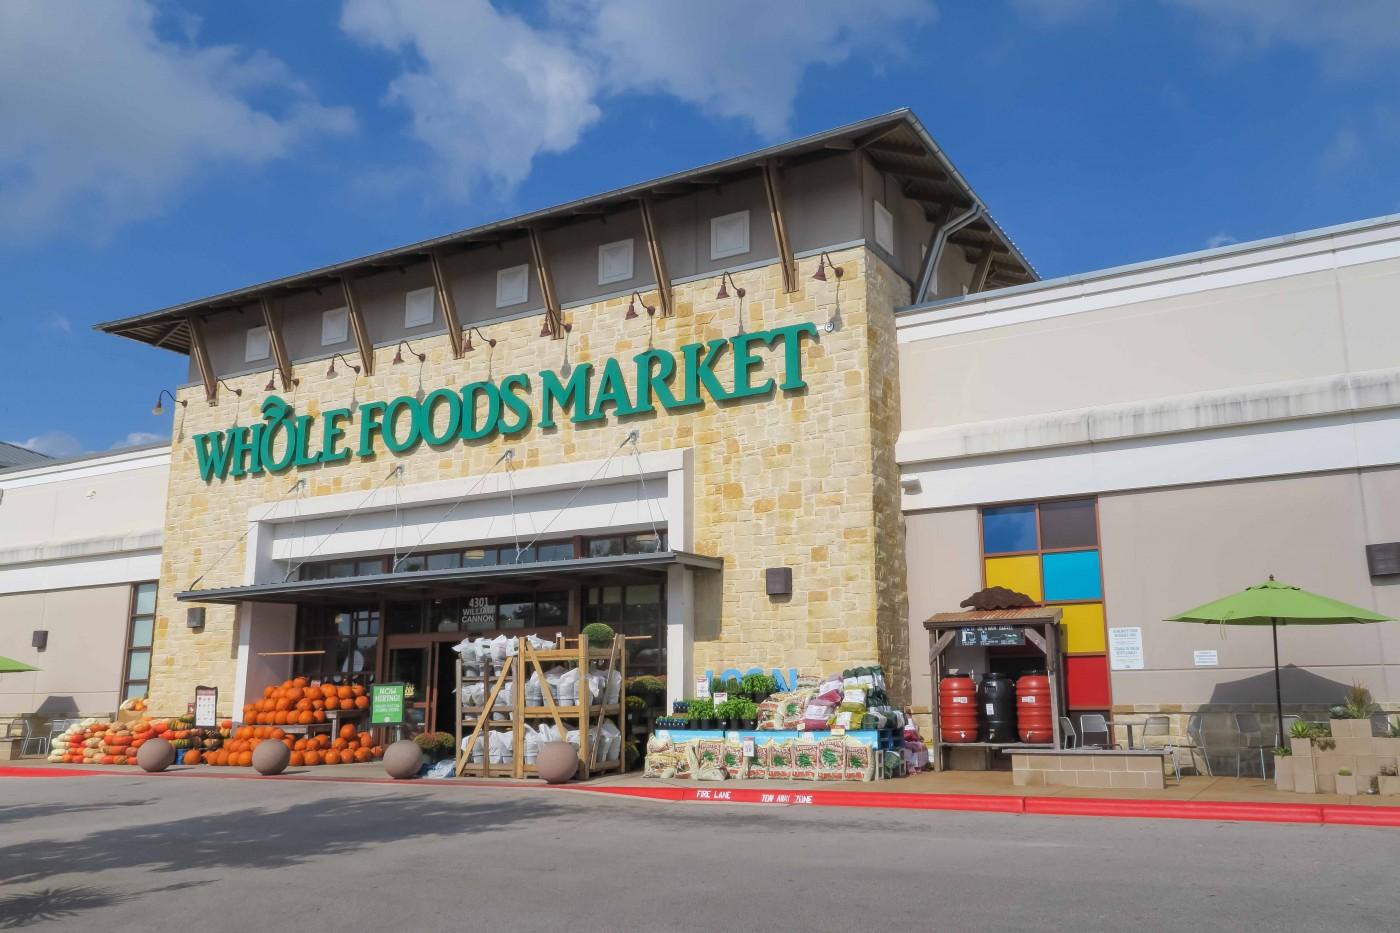 4大重要改革!亞馬遜用137億美元整併Whole Foods後,馬上決定降價